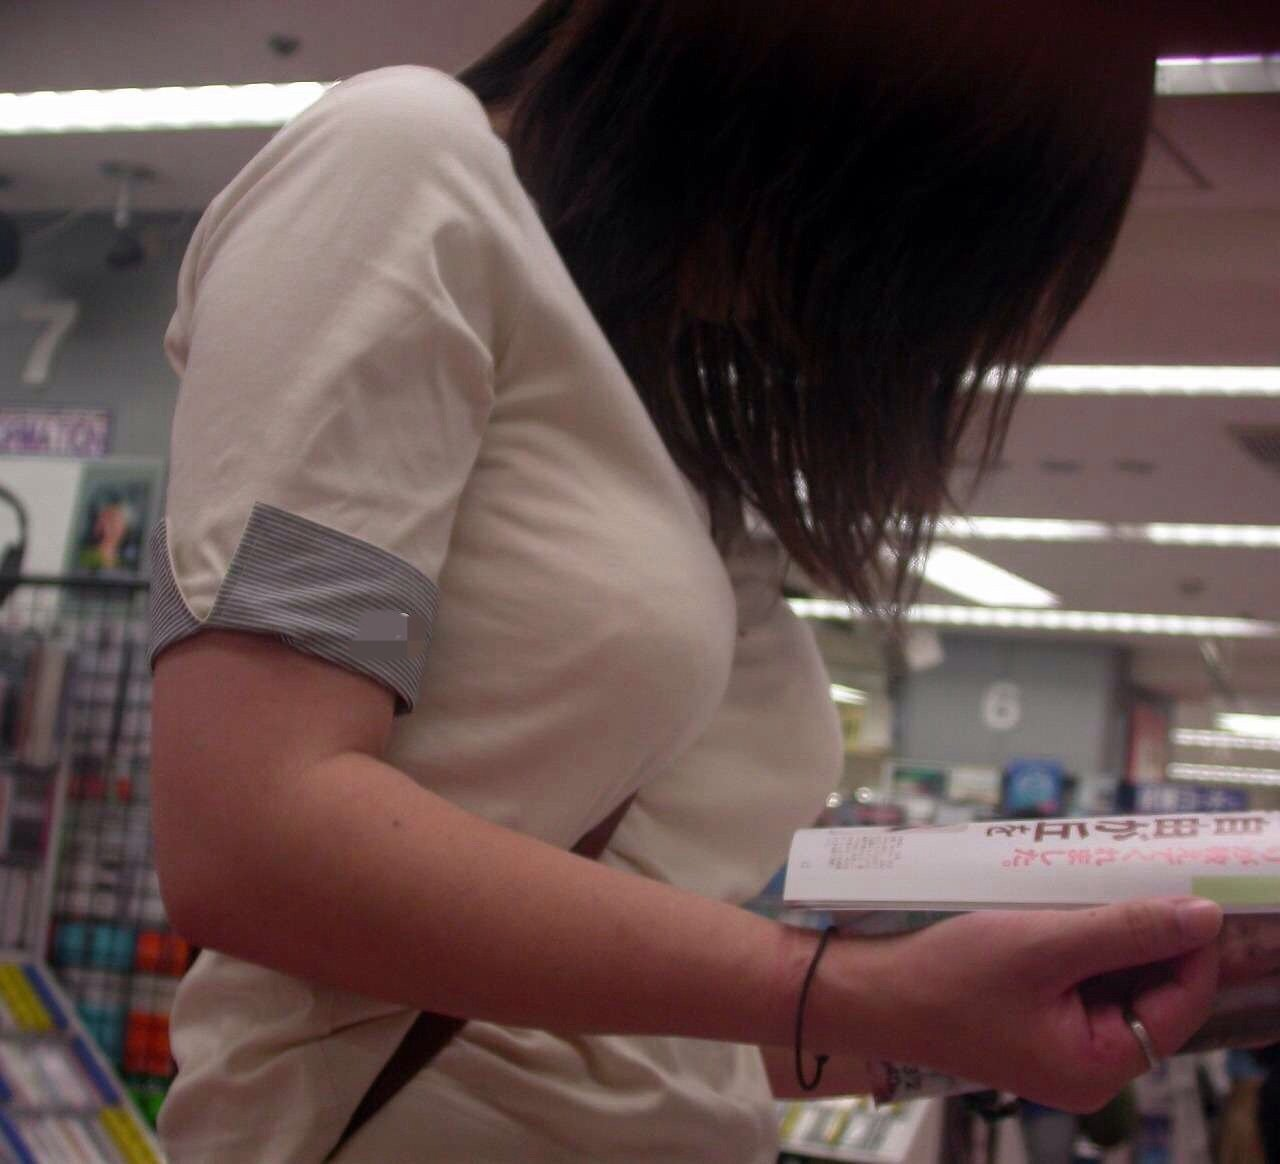 立ち読みしてる女性のパイスラを撮る!